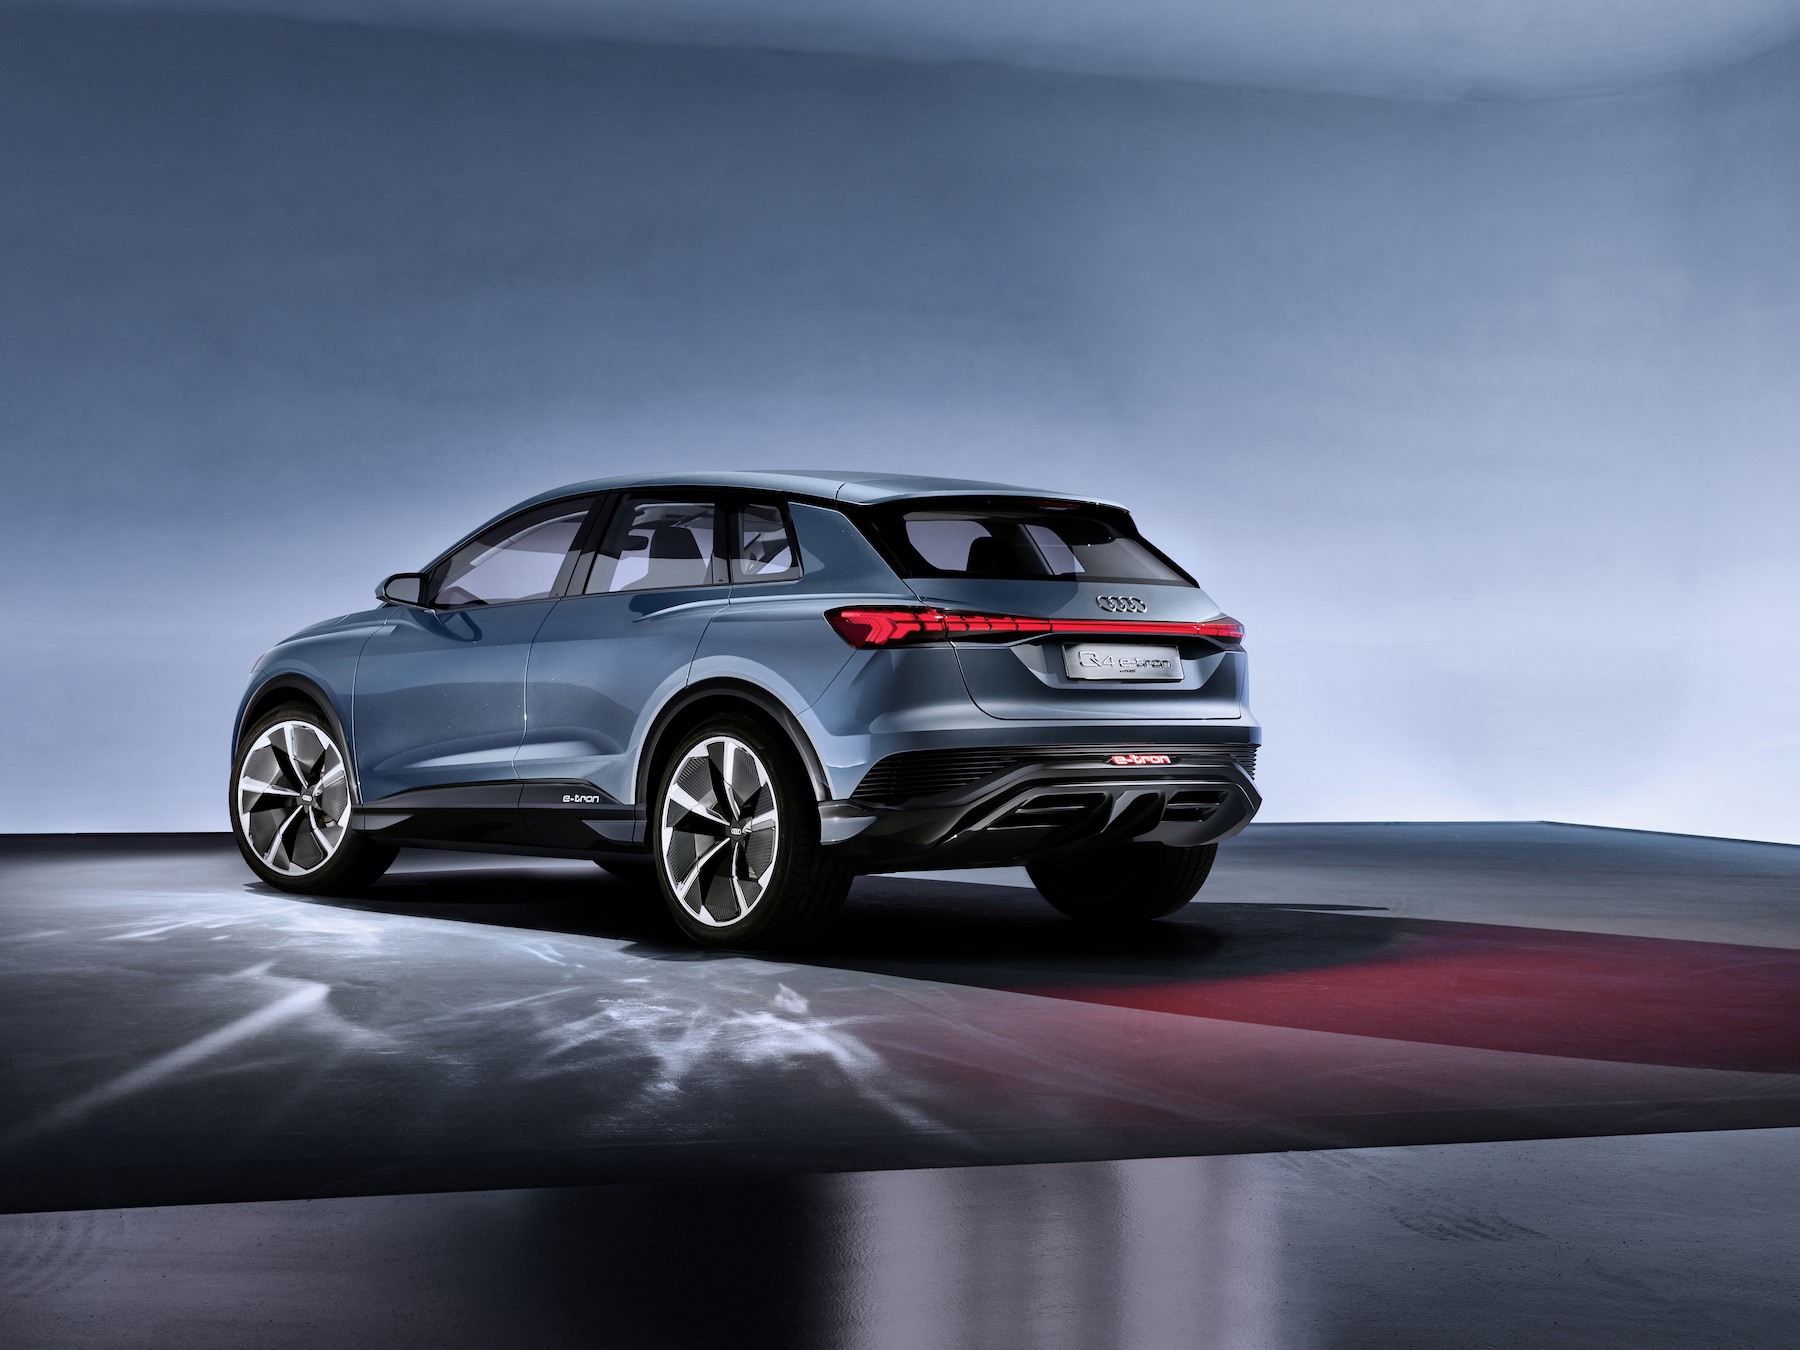 L'Audi Q4 e-tron concept embarque un moteur électrique par essieu. (AUDI)